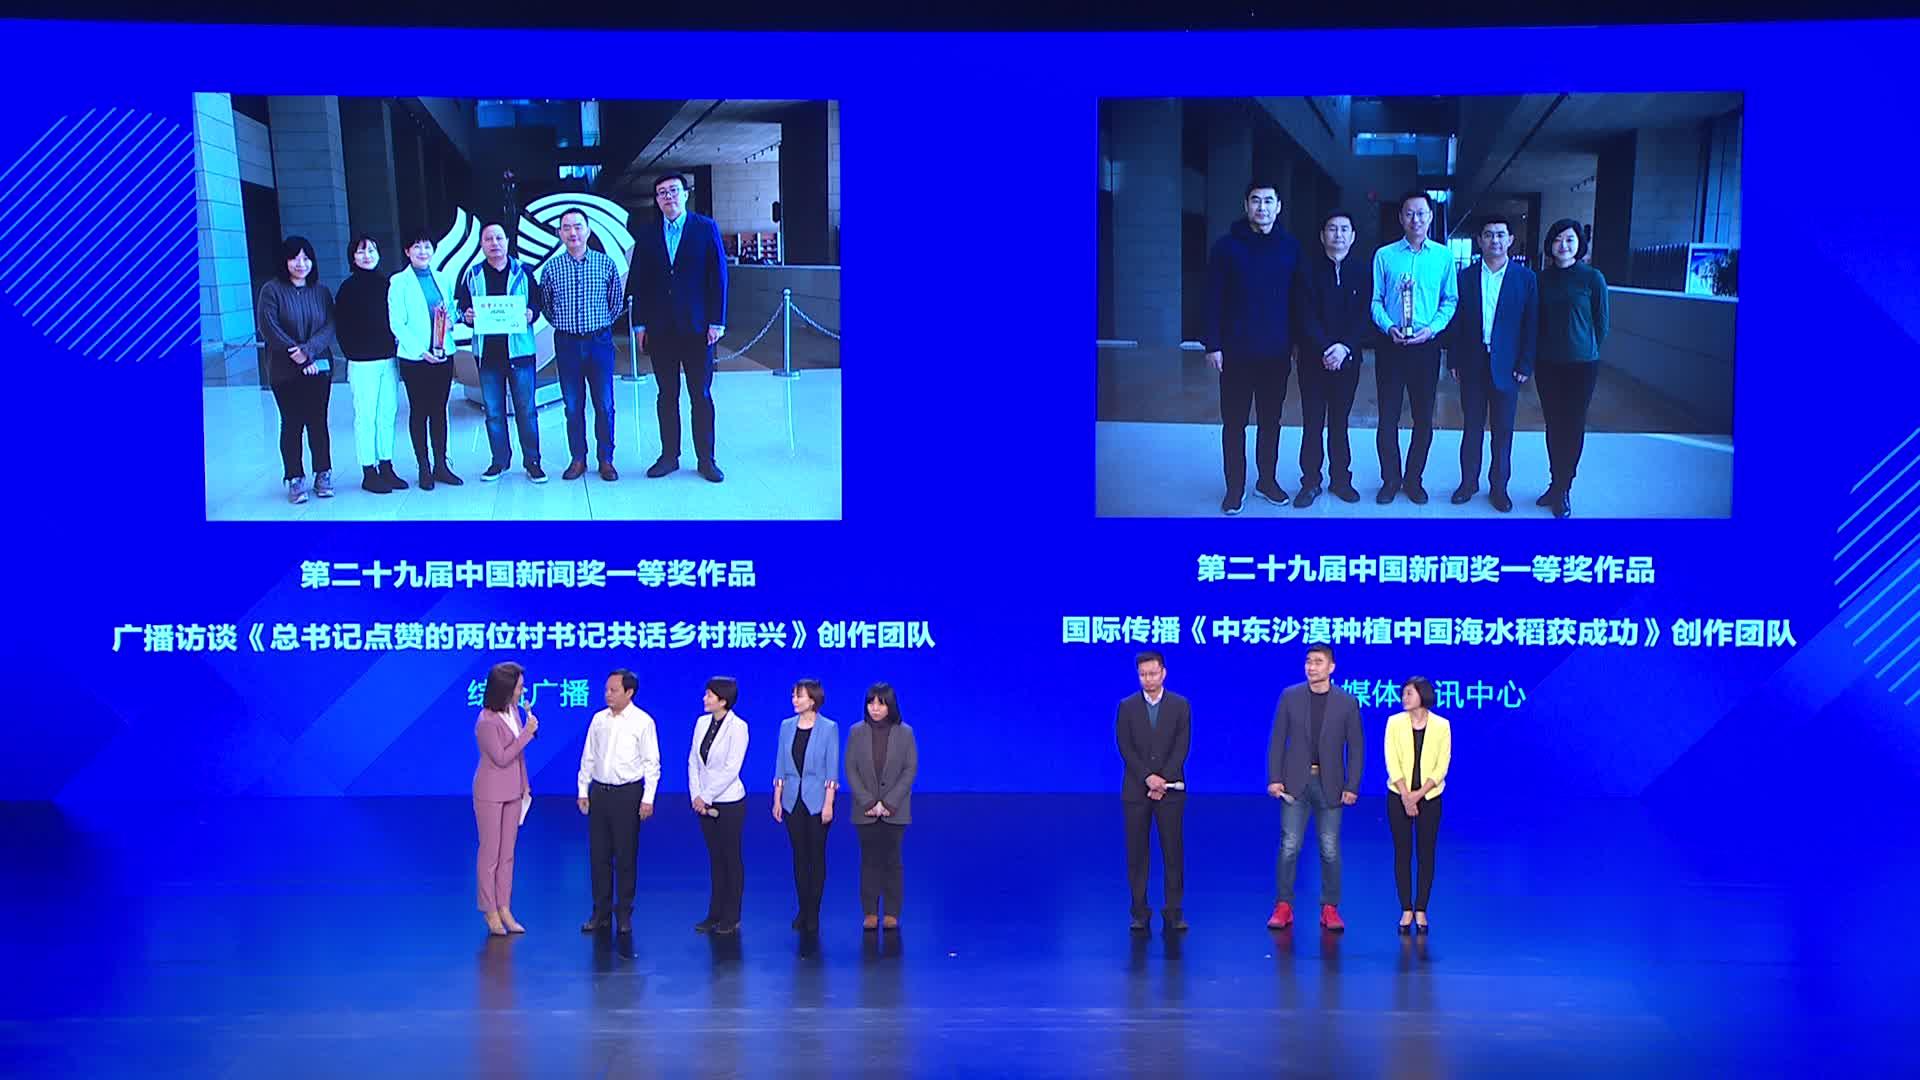 第二十九届中国新闻奖一等奖创作团队